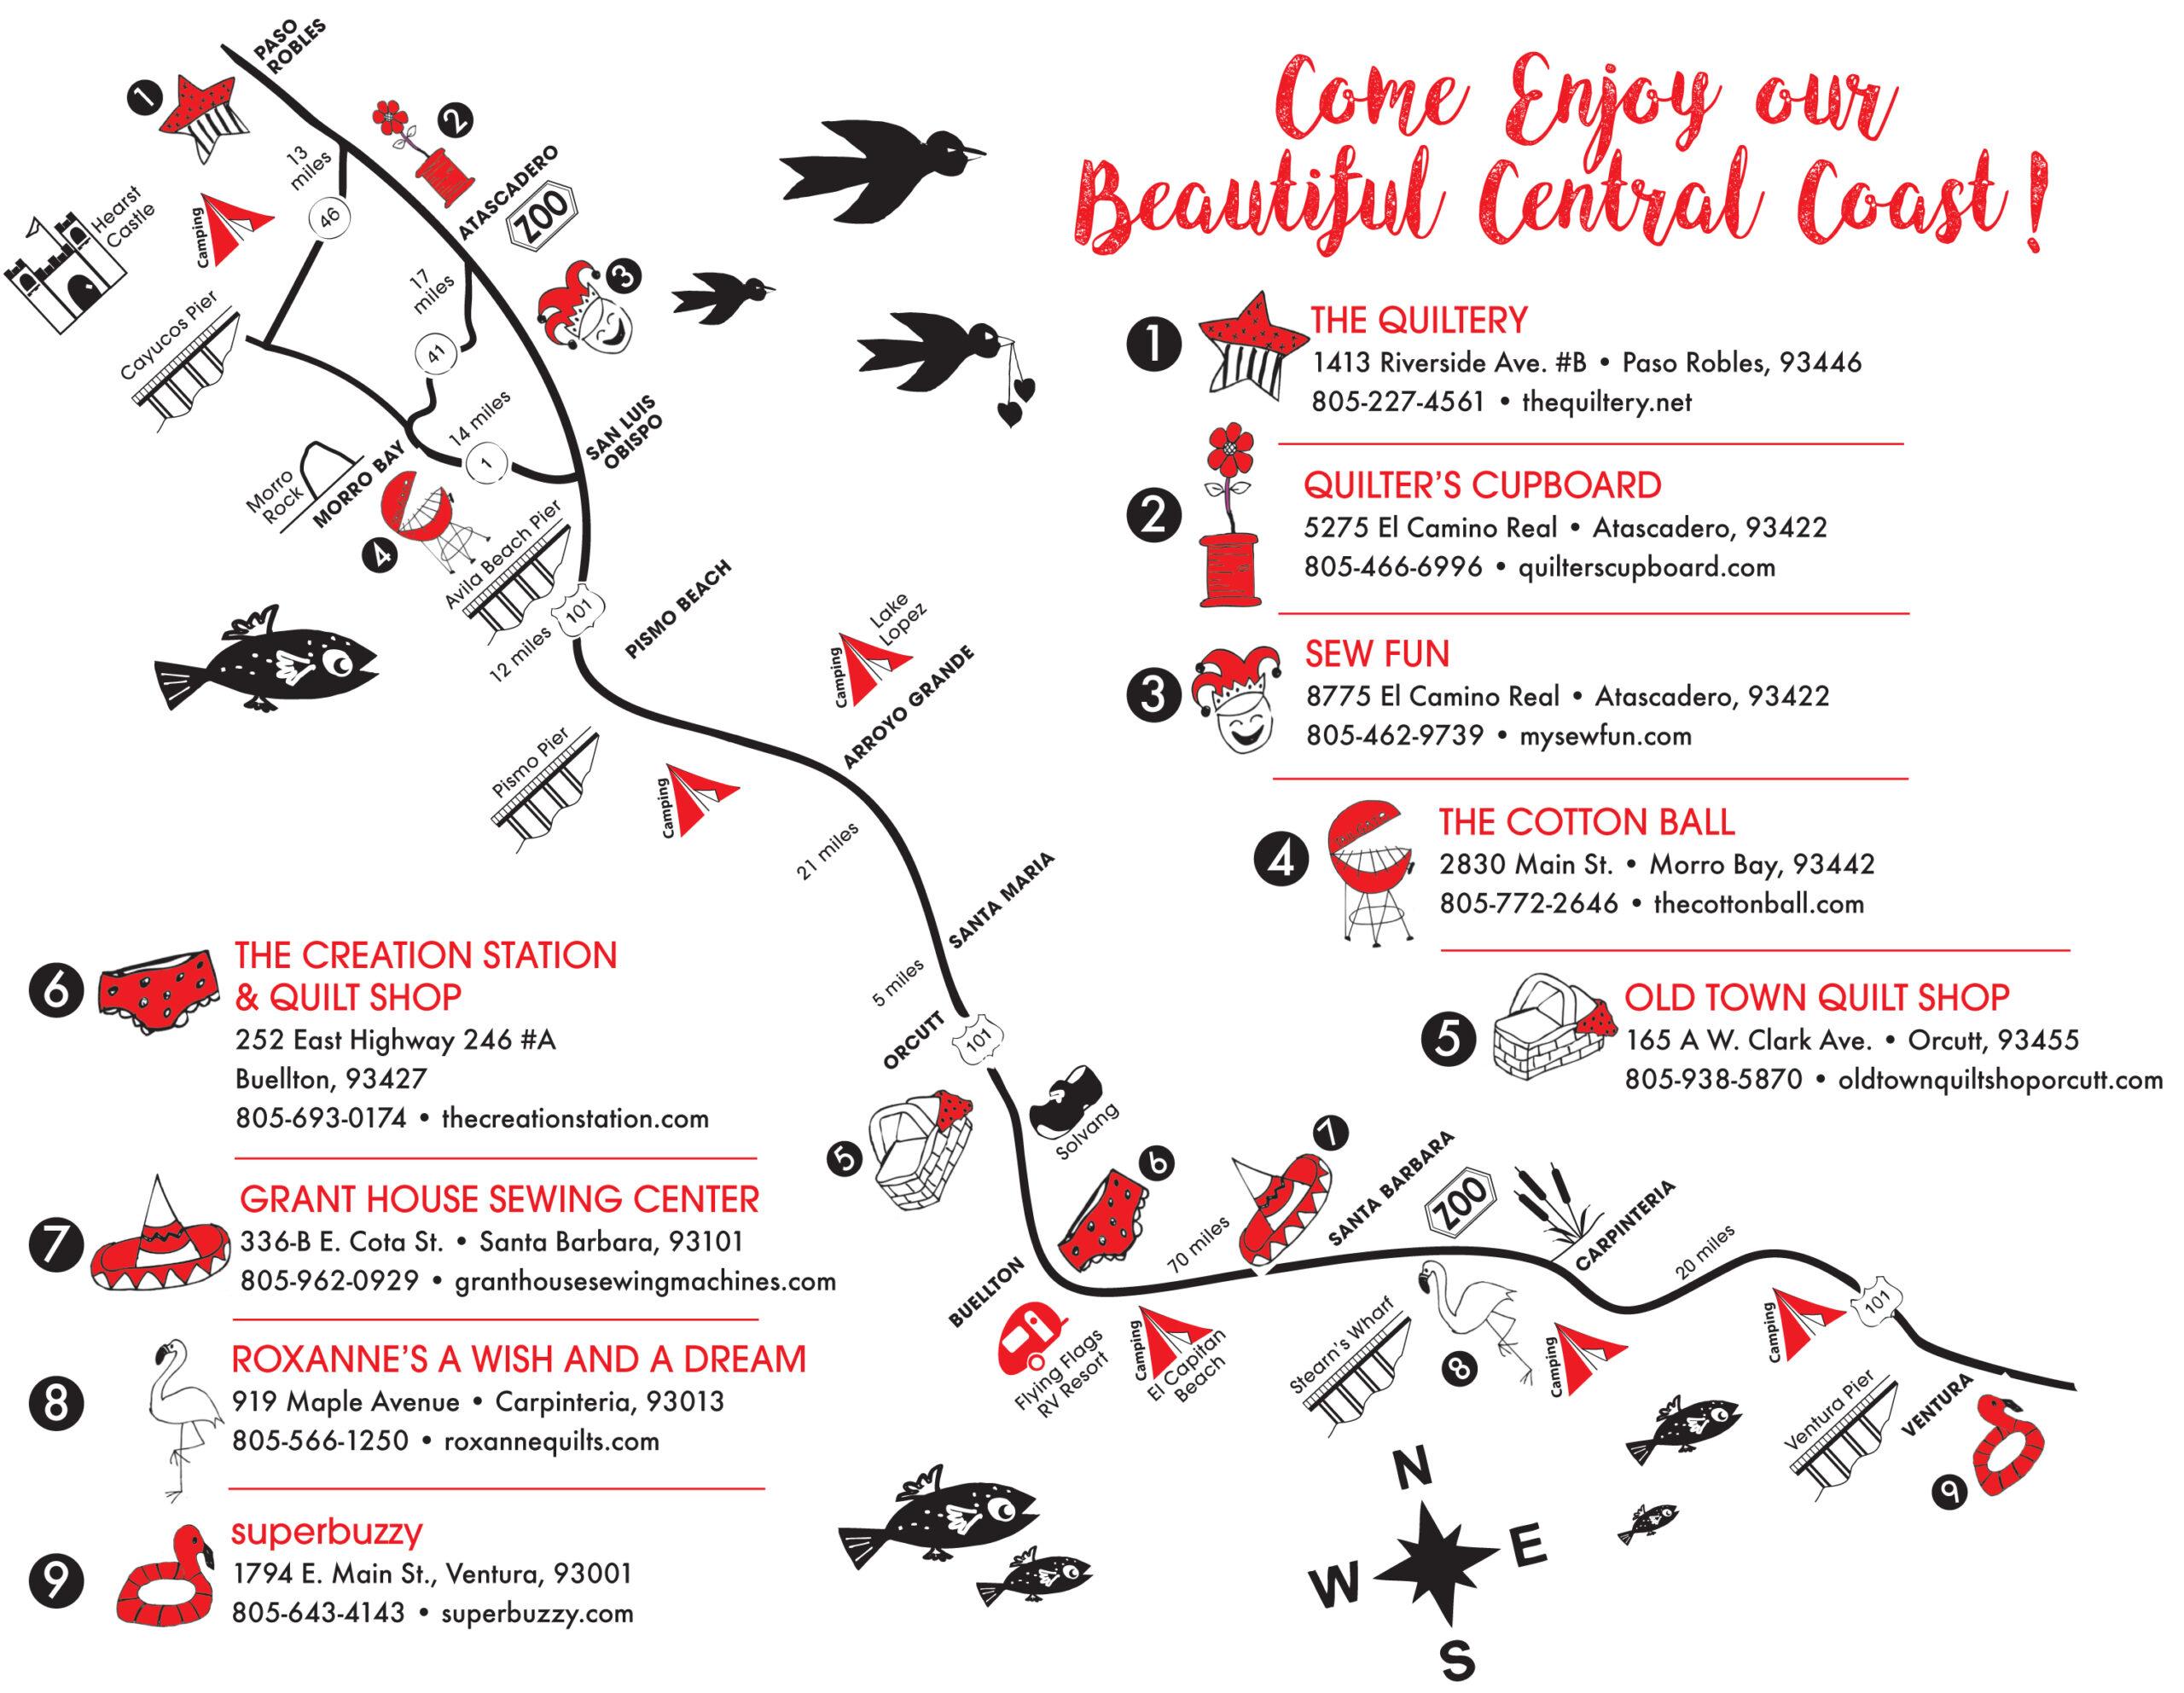 Shop Tour 2022 Map